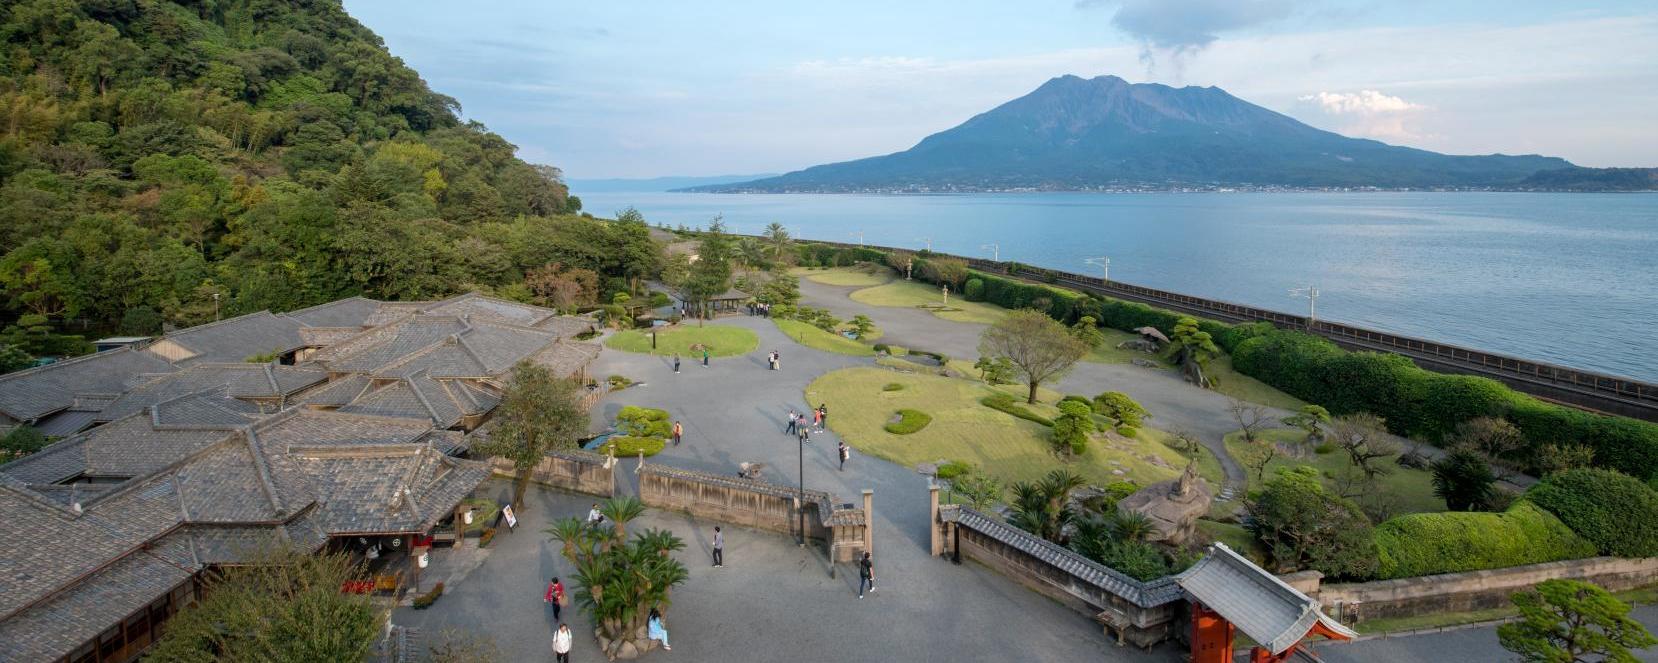 仙岩园与集成馆~可亲身感受宏伟的景色与世界遗产的感动景点~-1